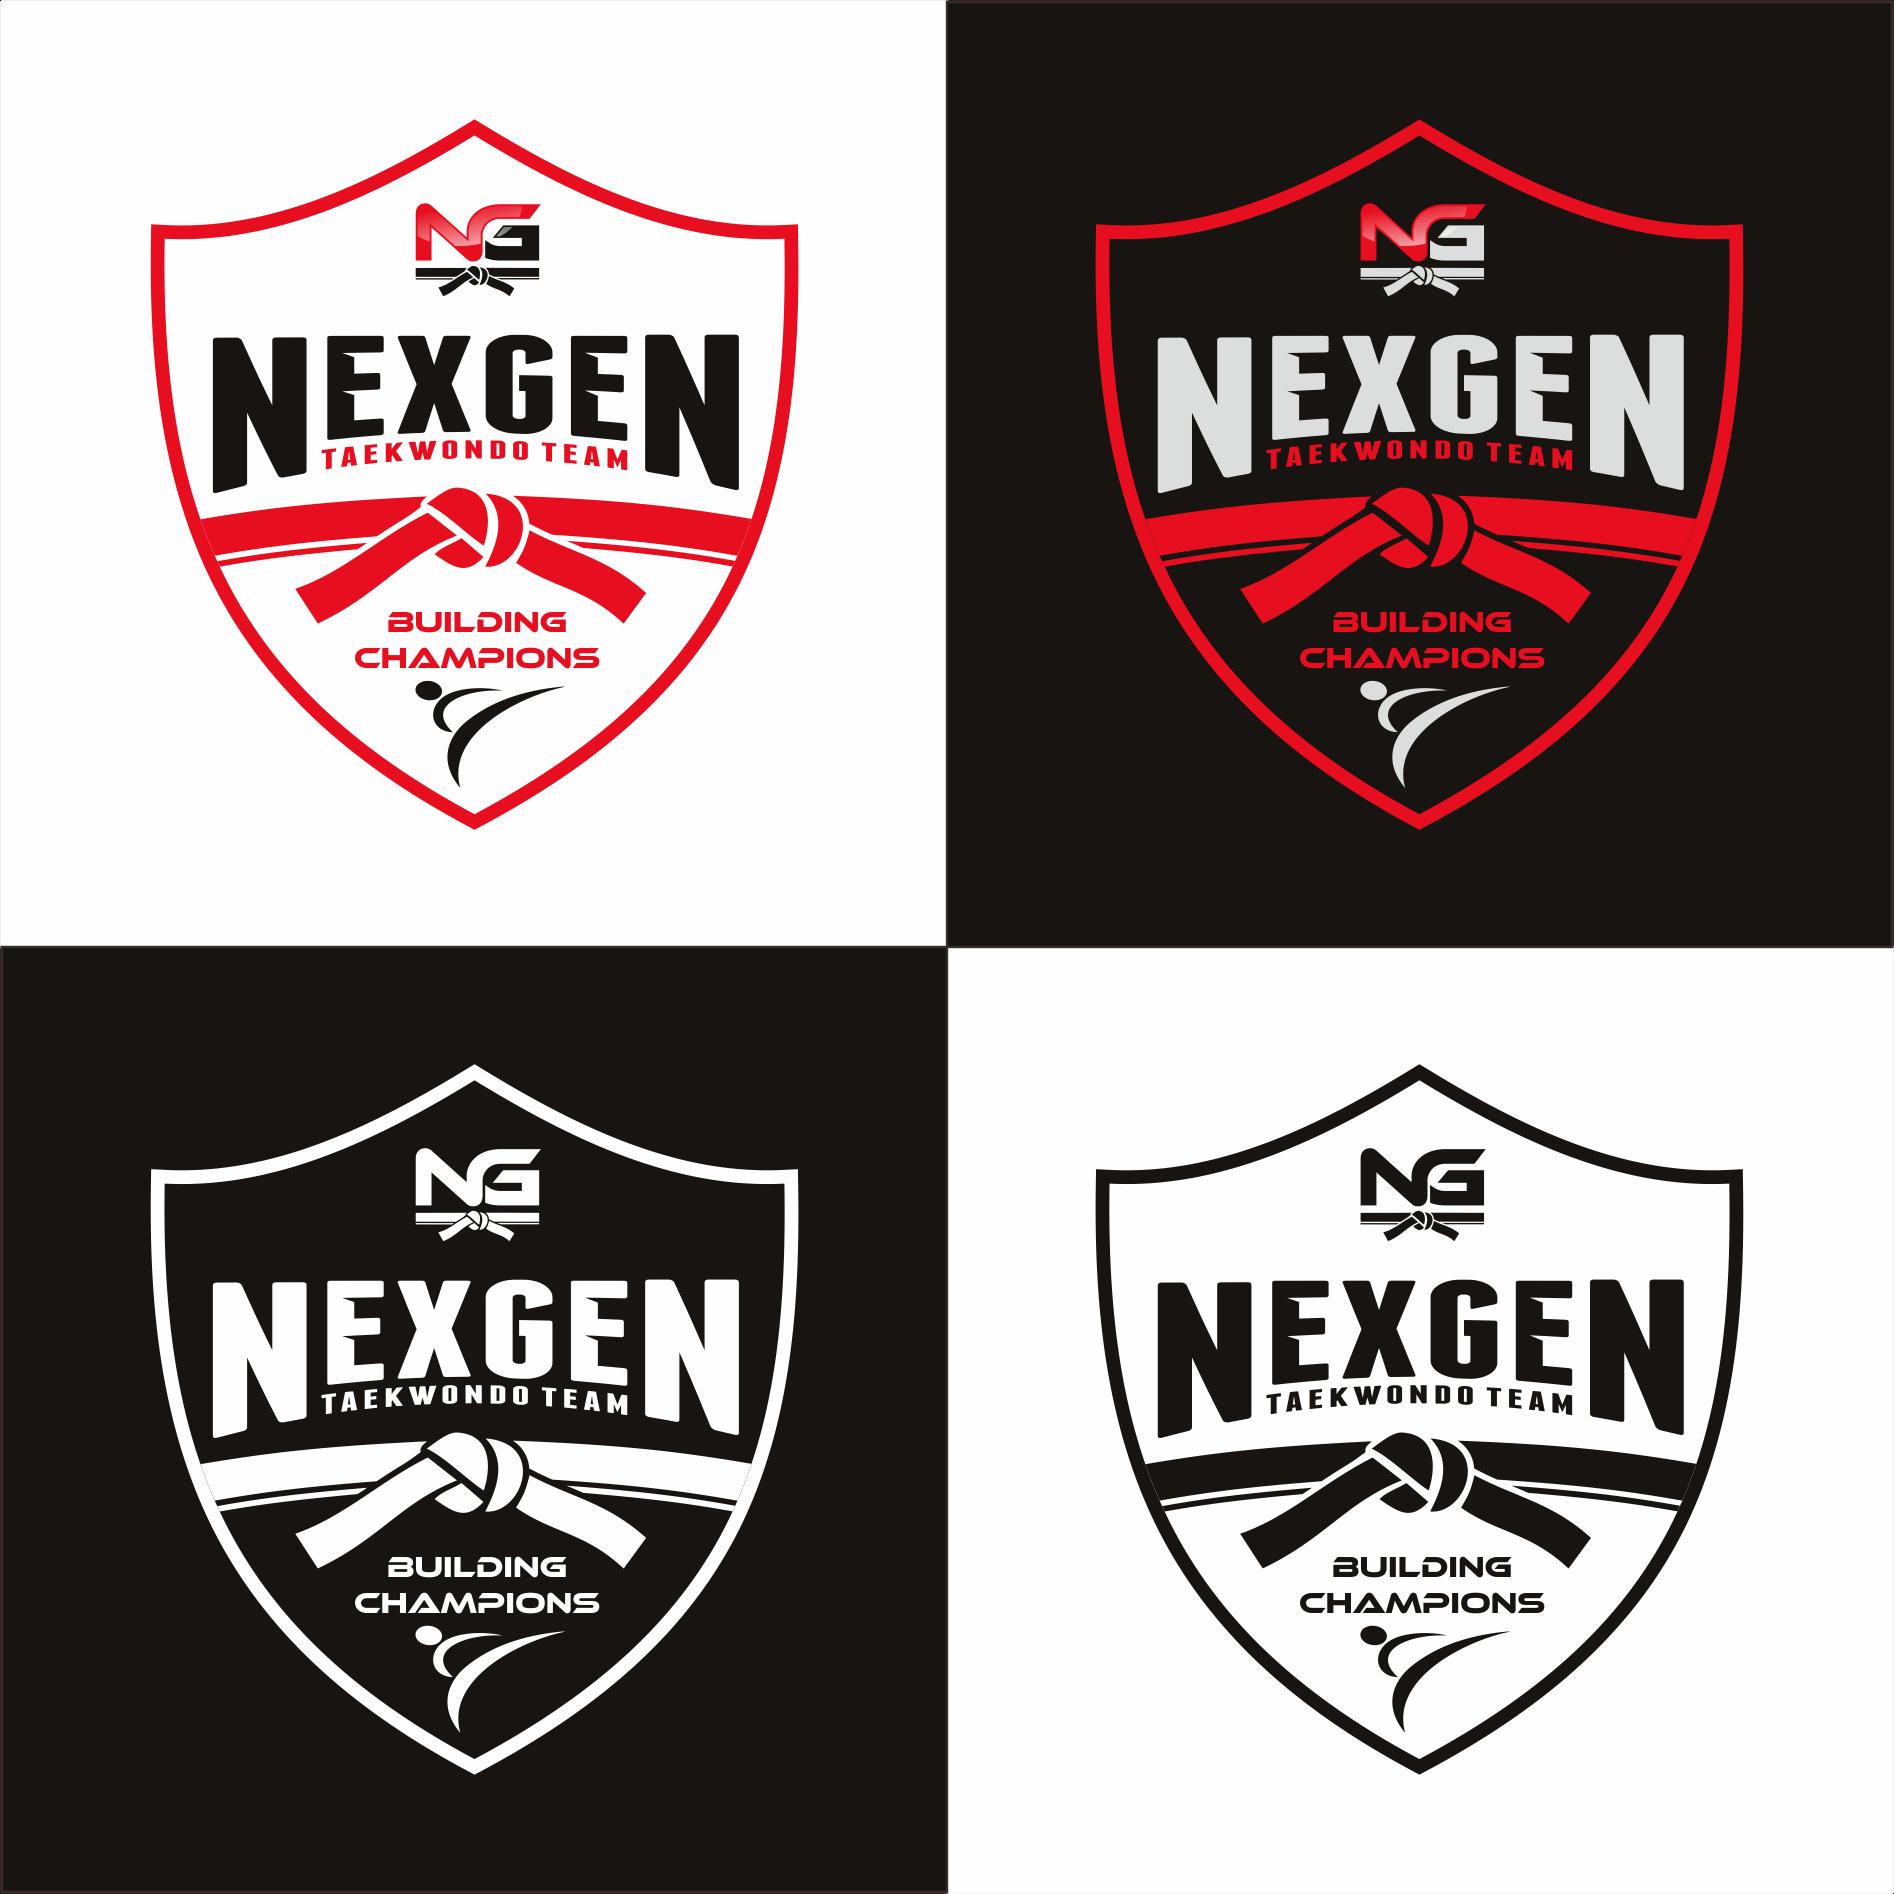 NexGen Taekwondo Team